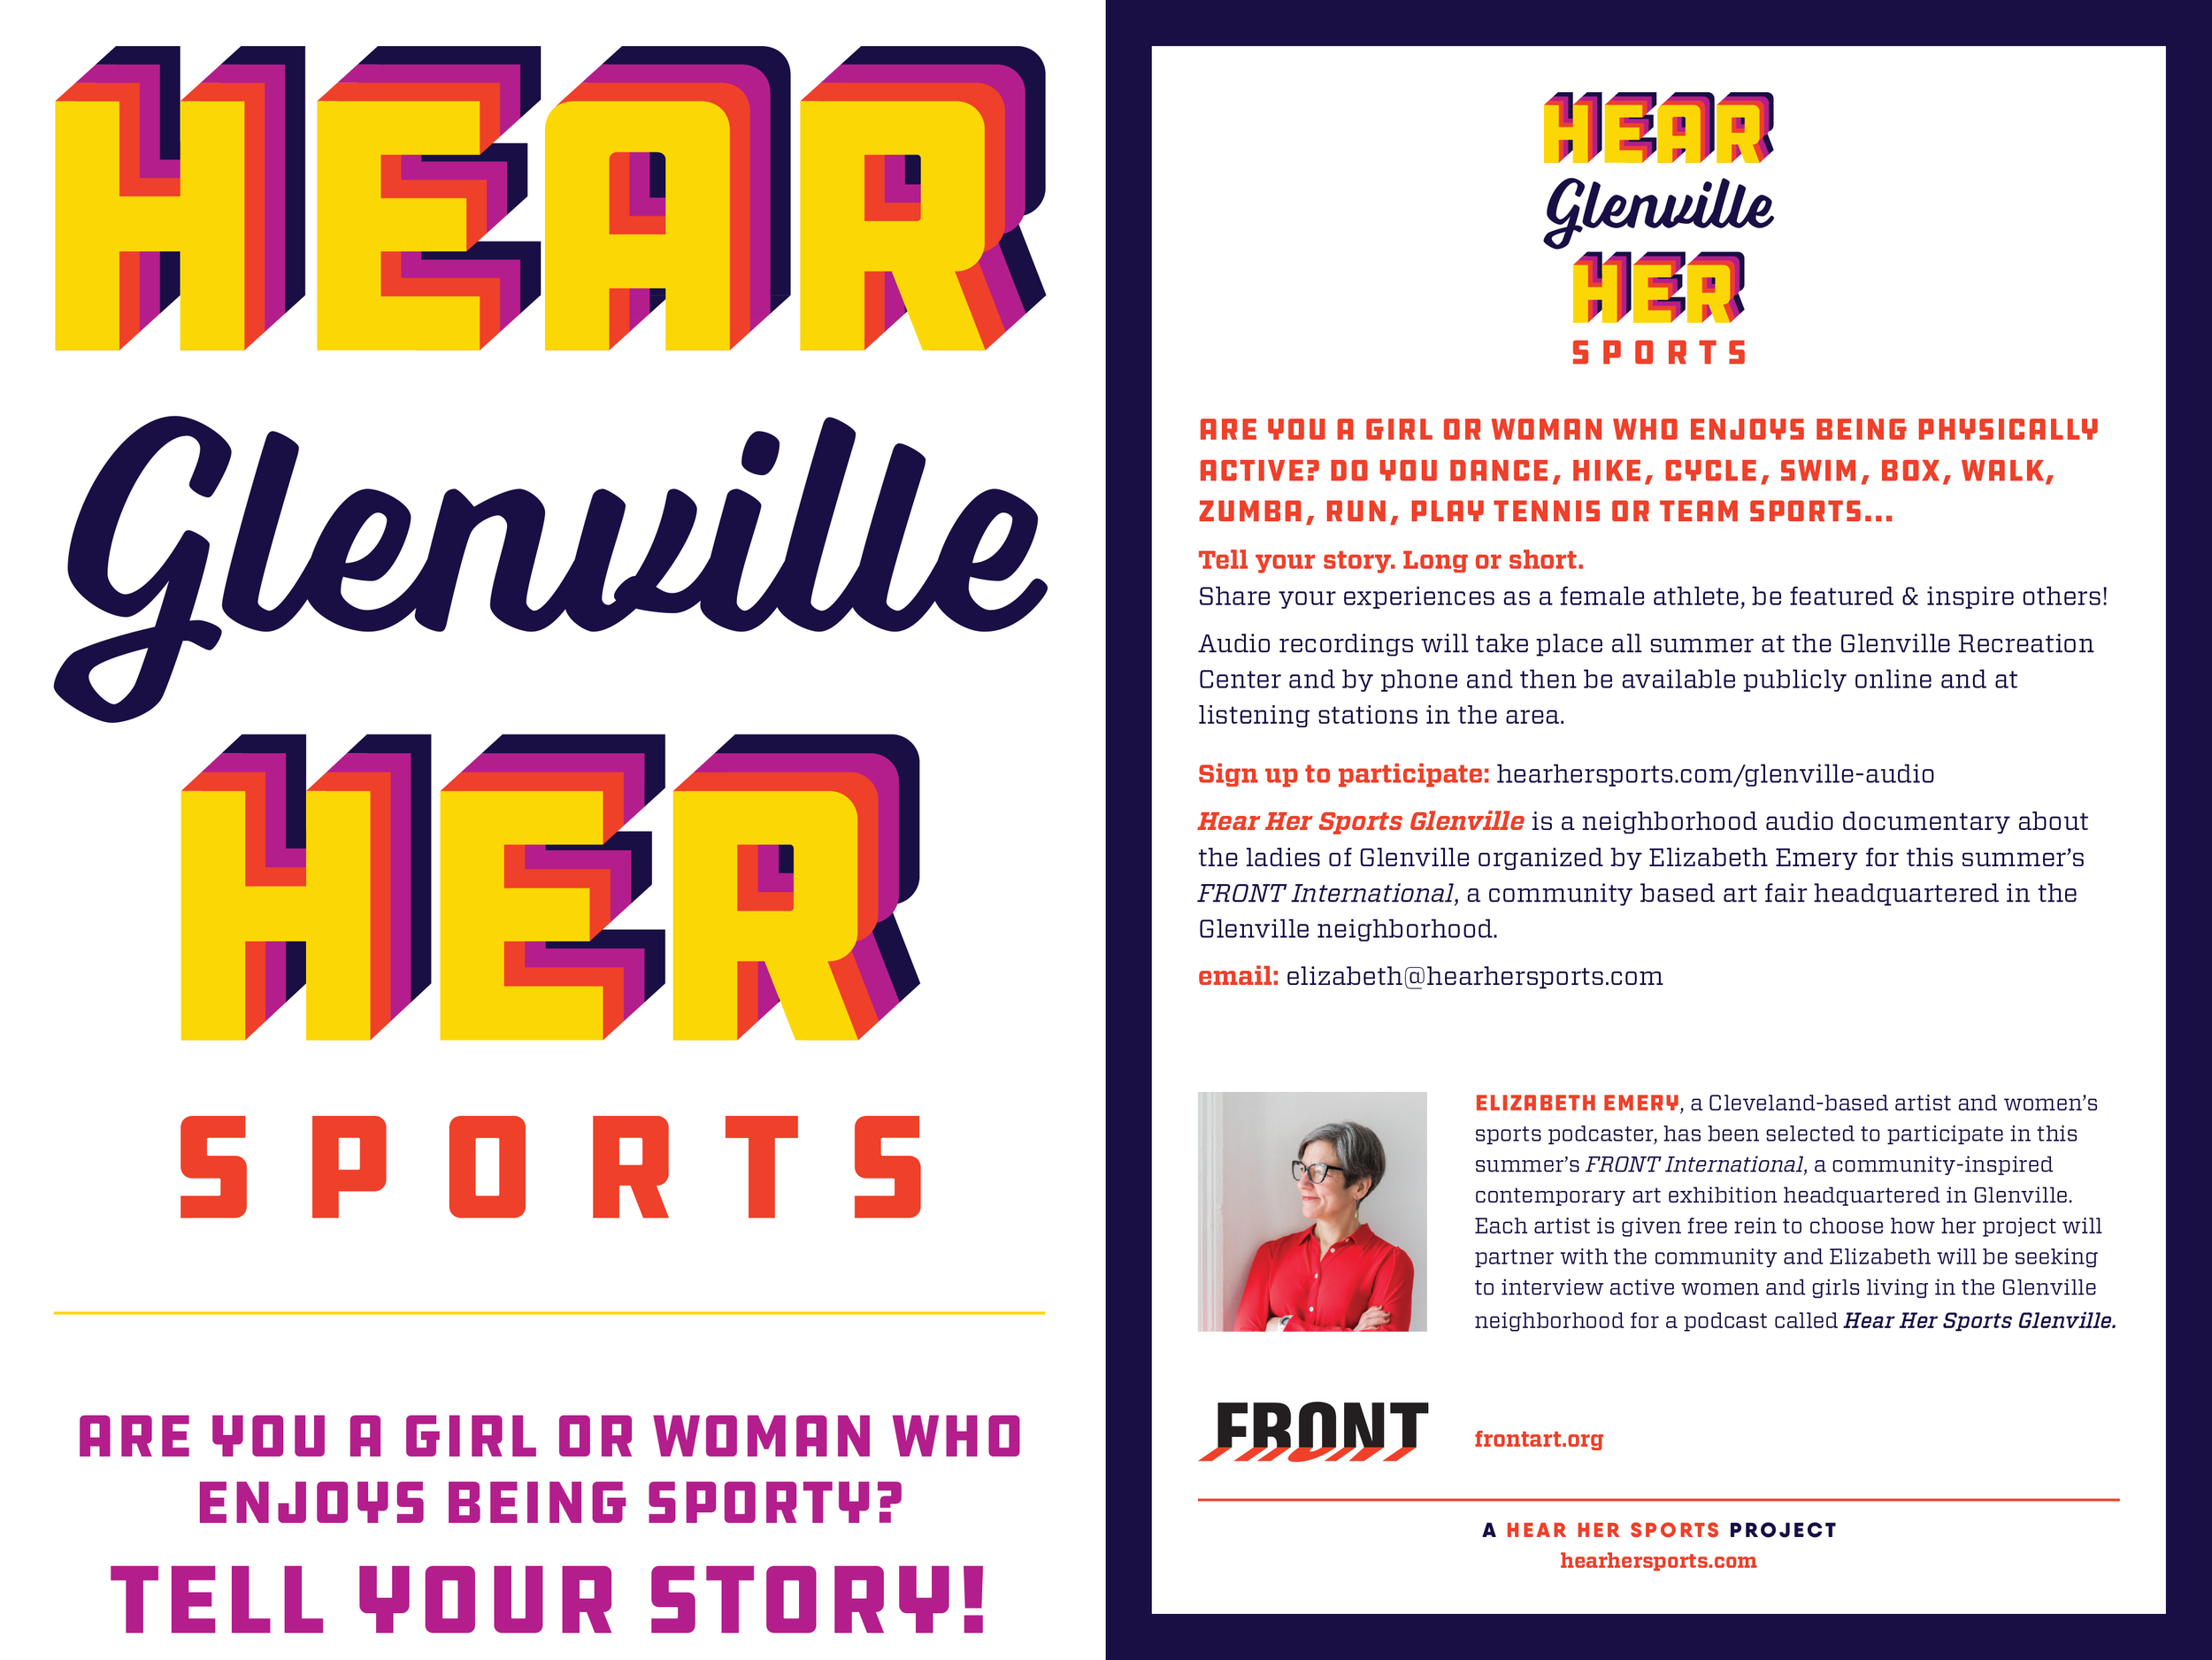 final glenville postcard.png